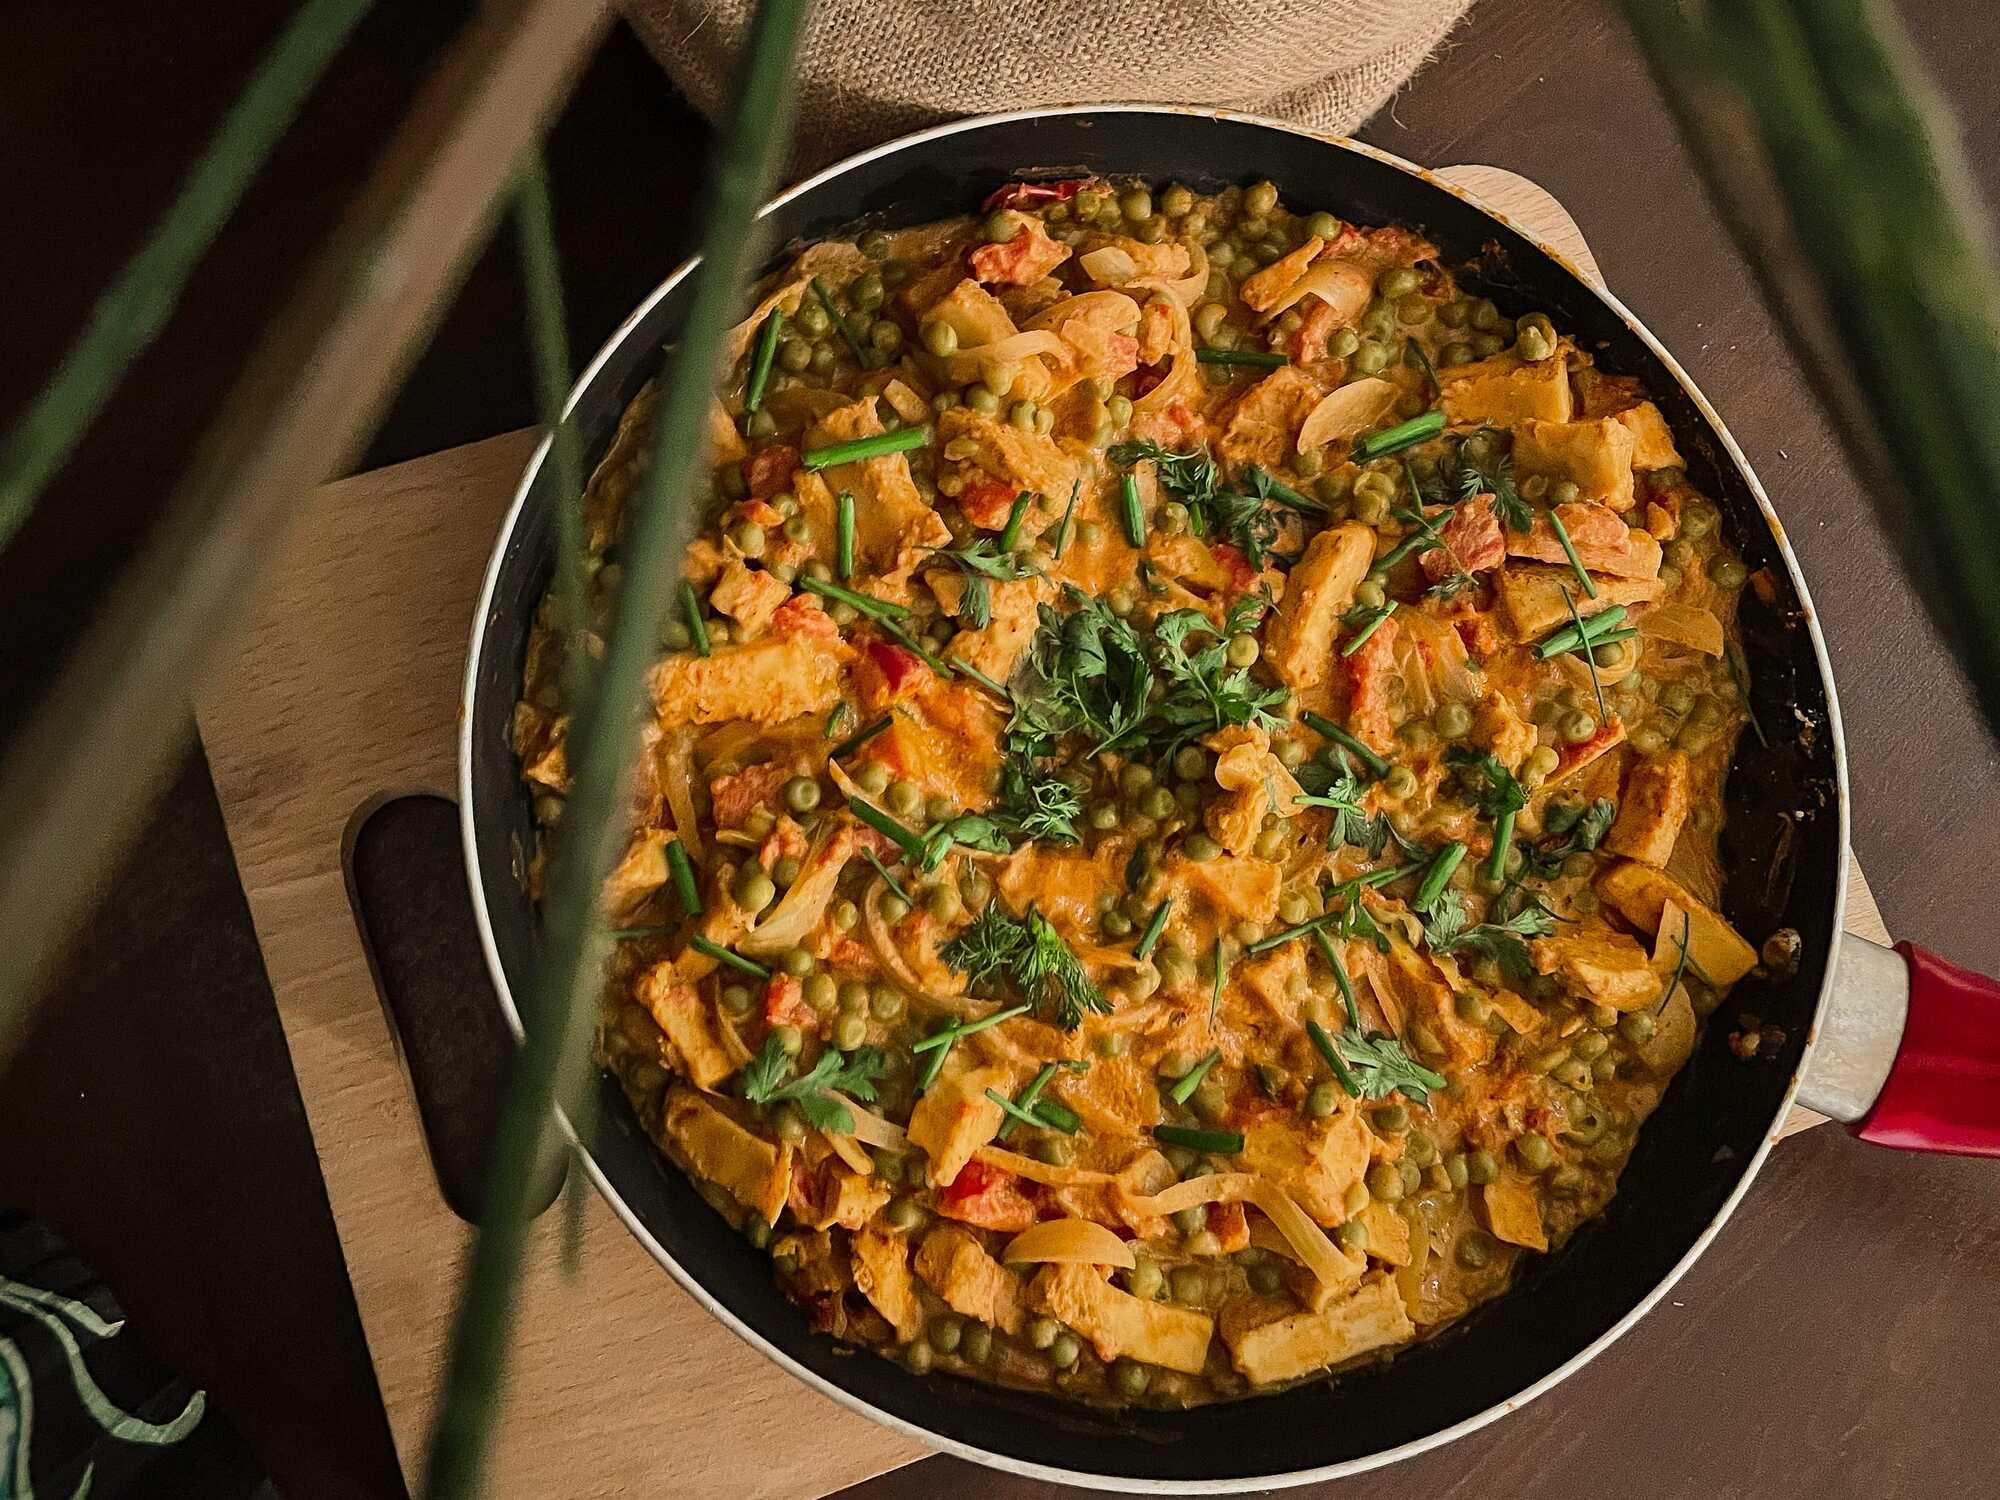 Le soja est cuisiné comme un curry avec des petites pois et de la tomate, le tout est présenté dans une poêle au milieu d'un feuillage.